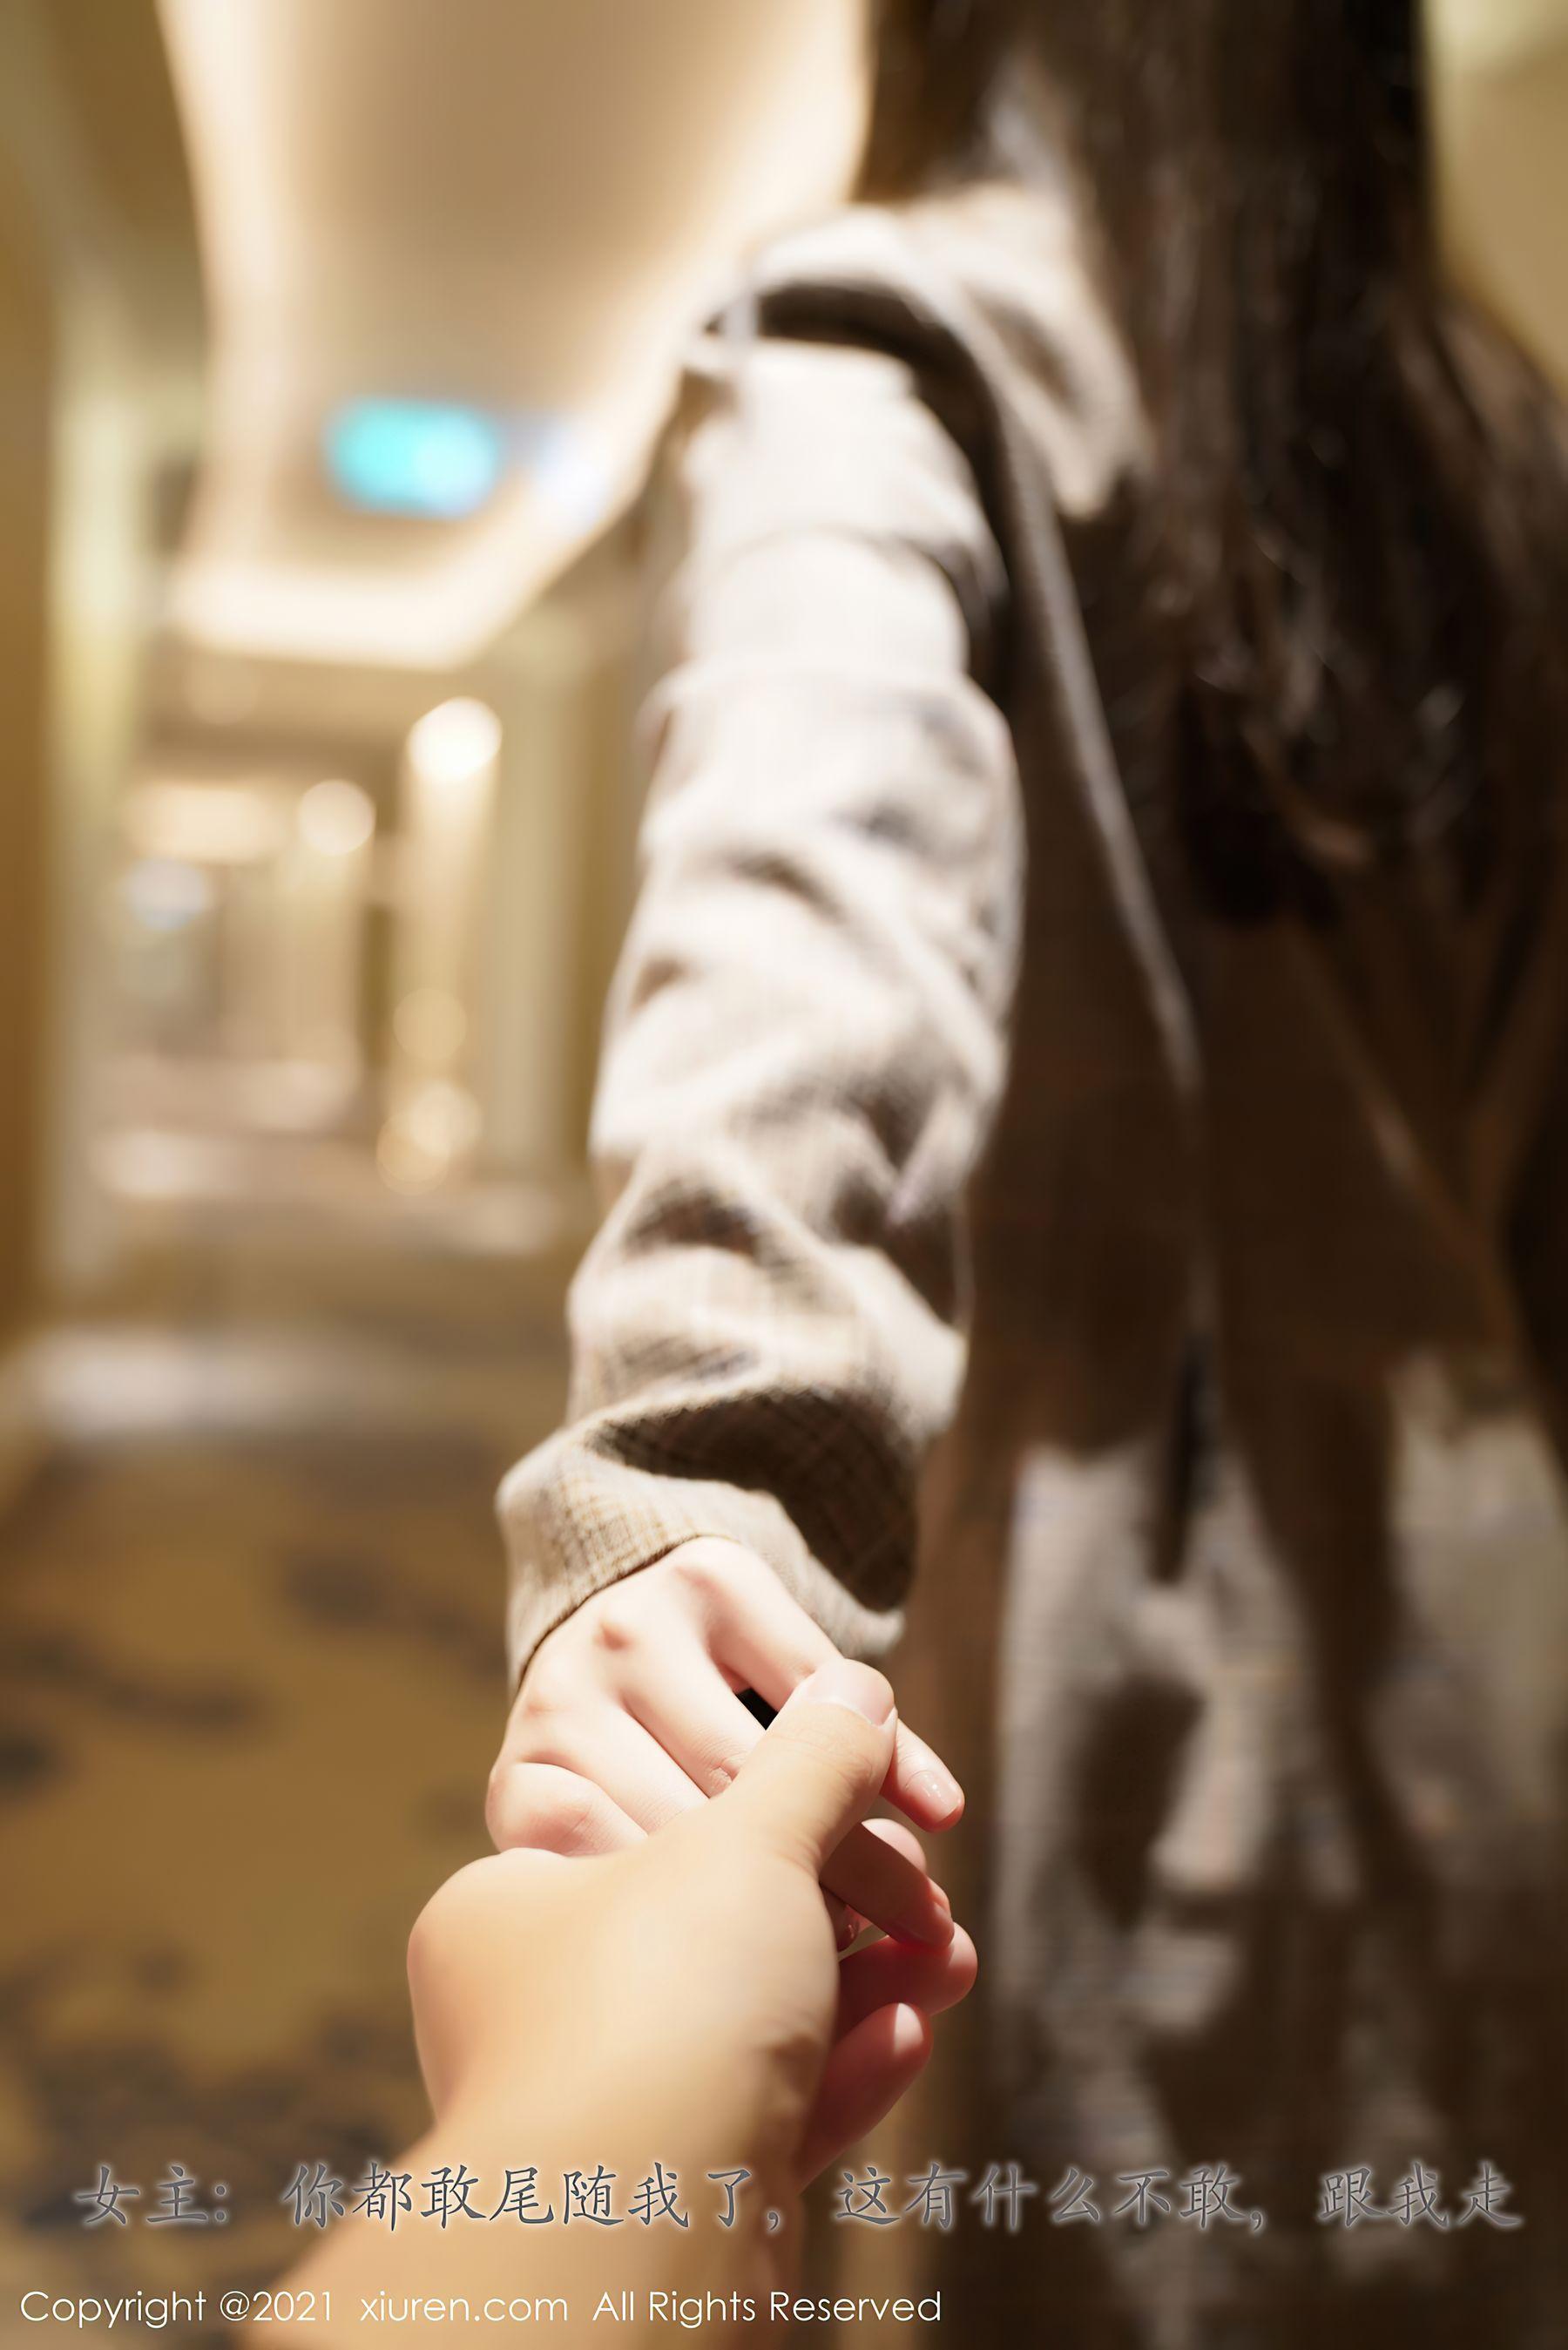 VOL.1196 [秀人网]福利美女故事:糯美子MINIbabe(米妮大萌萌,苏糯米,糯美子Mini,米妮mini)超高清写真套图(62P)